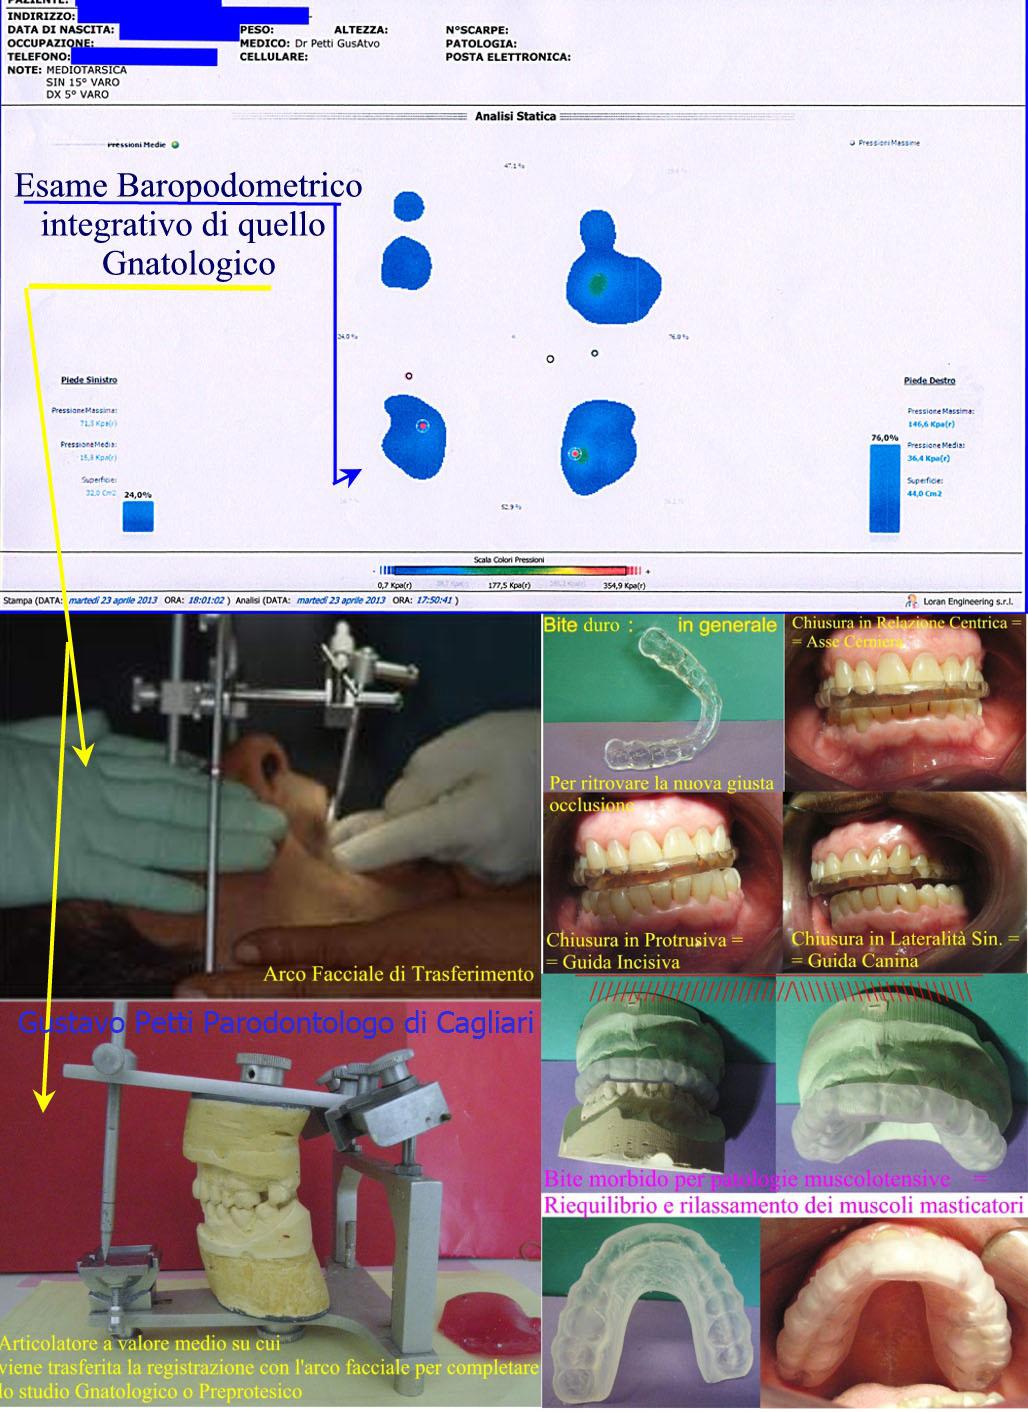 Arco Facciale di Trasferimento, Analisi Stabilometrica Computerizzata e vari Tipi di Bite per la Valutazione Gnatologica Riabilitativa. Da Dr. Gustavo Petti Parodontologo Gnatologo Riabilitatore Orale in Casi Clinici Complessi, di Cagliari